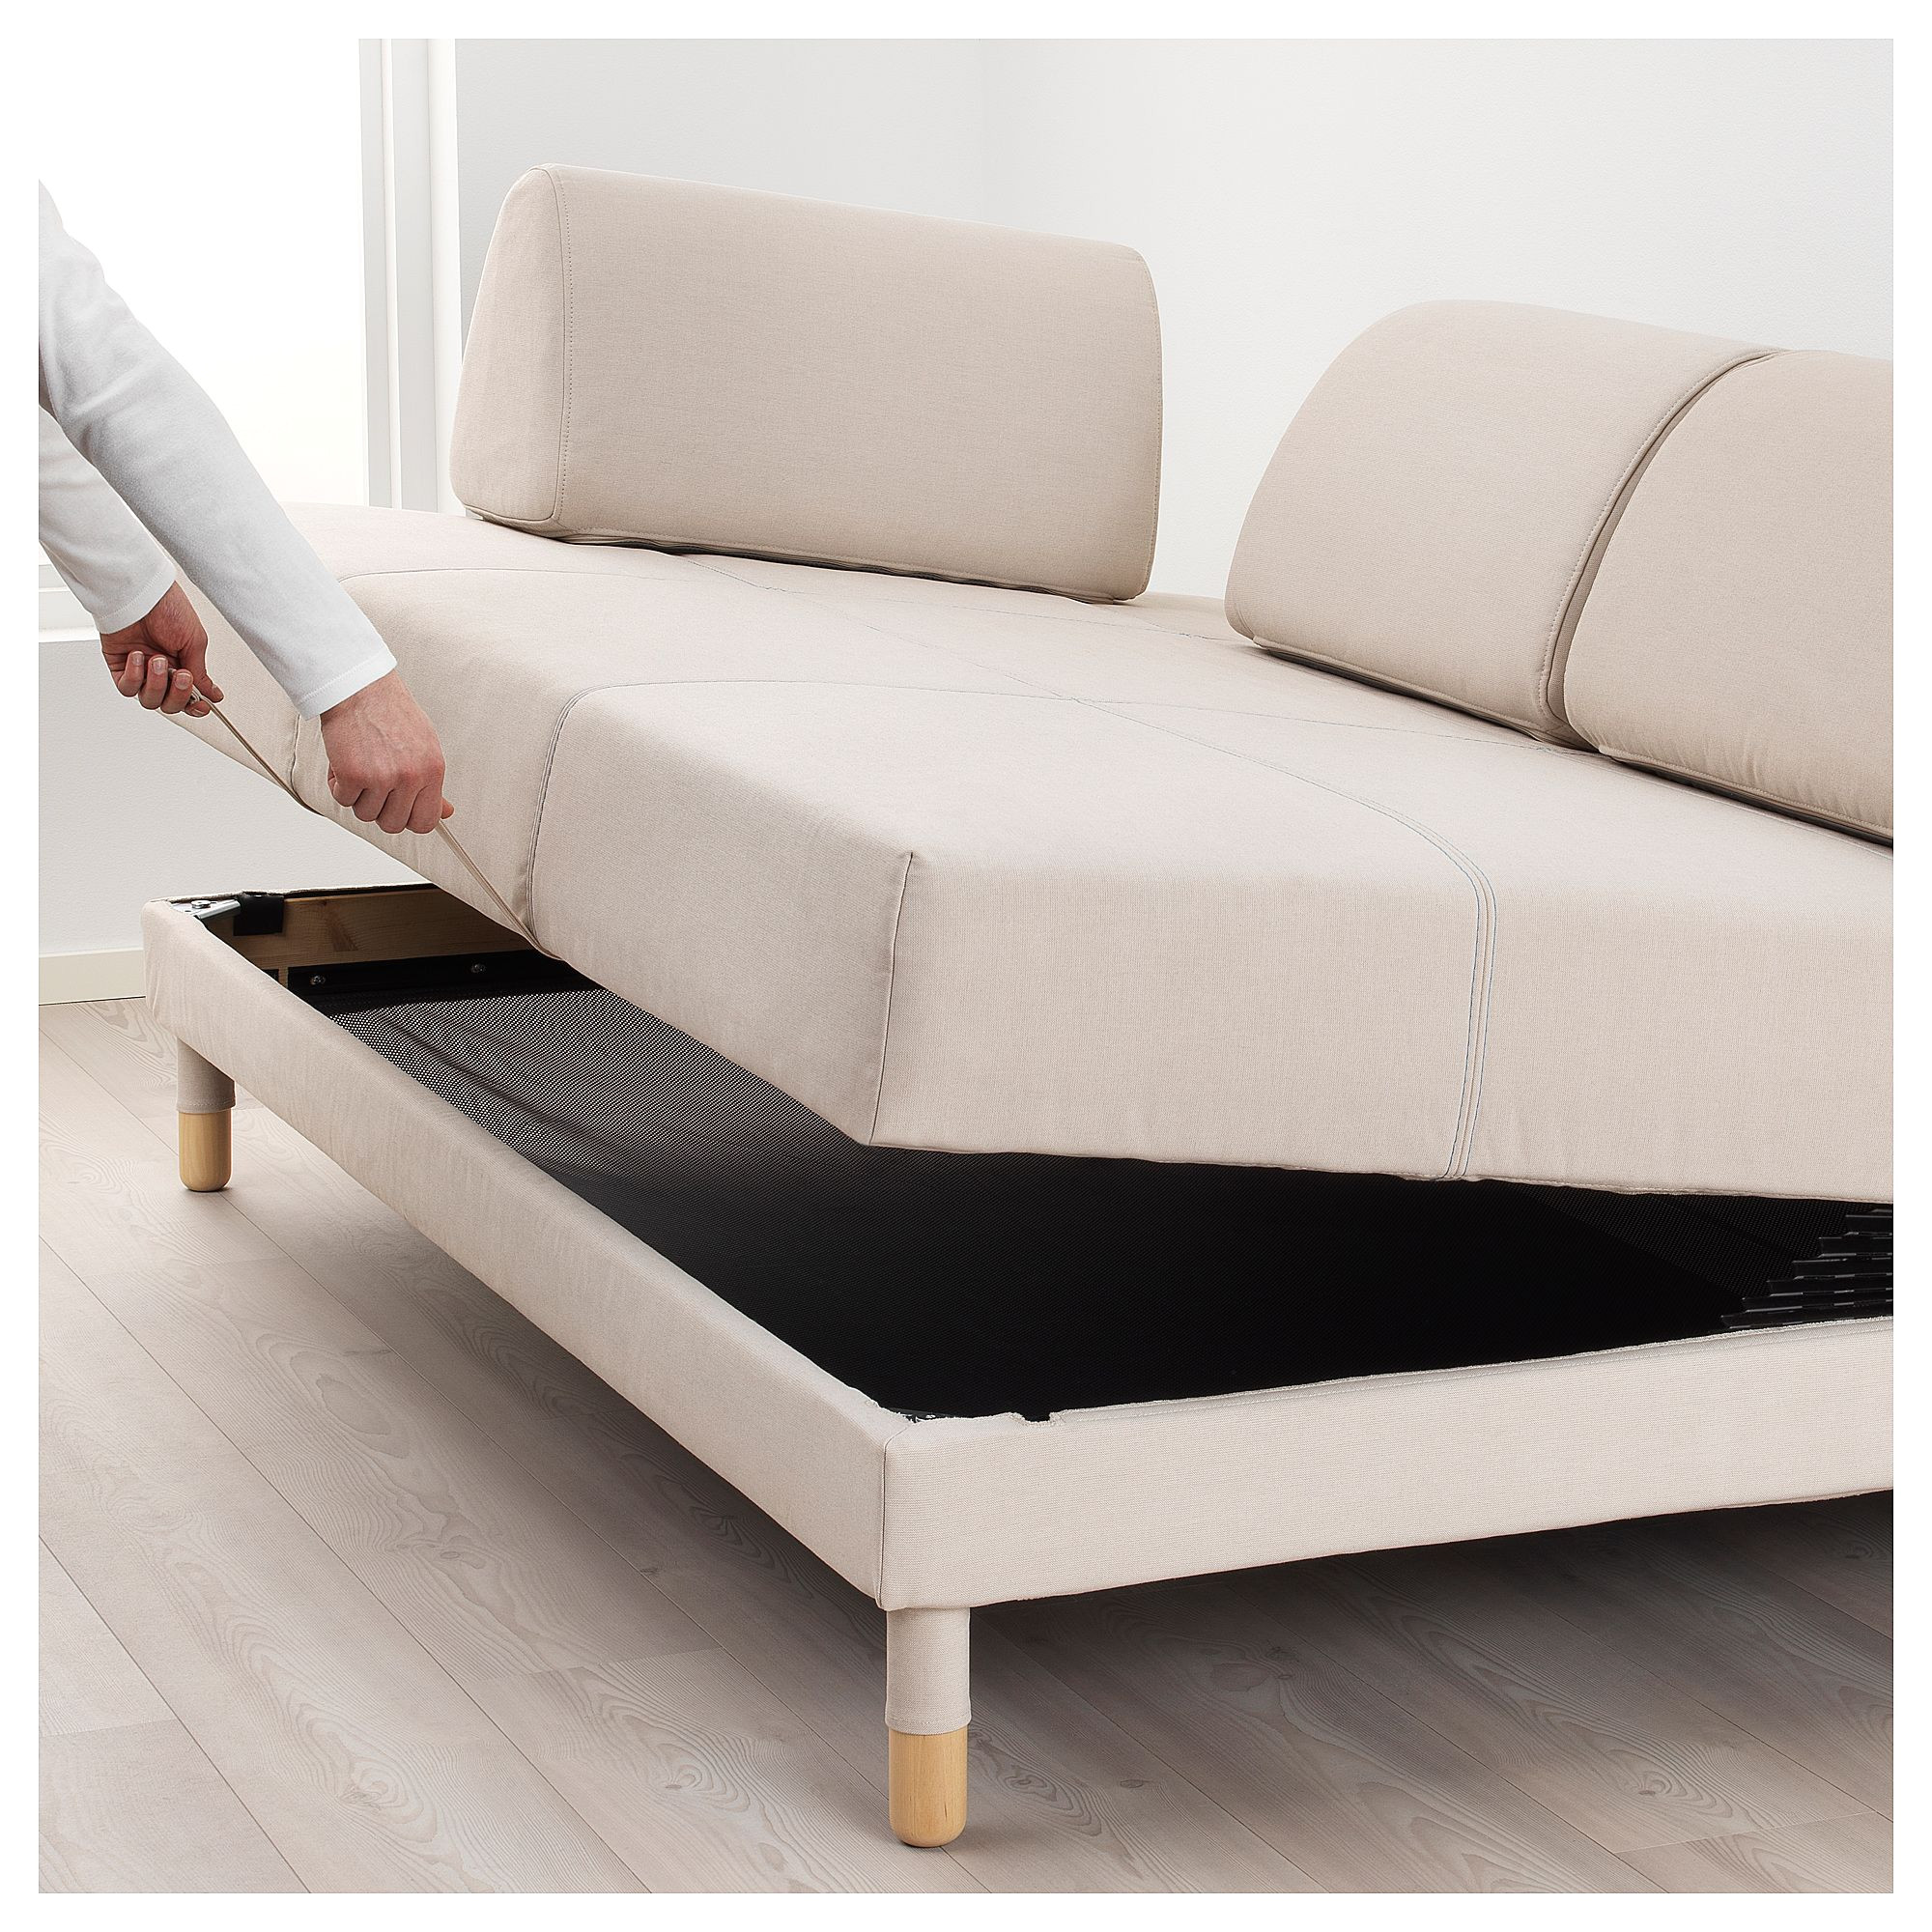 ikea flottebo sofa bed lofallet beige